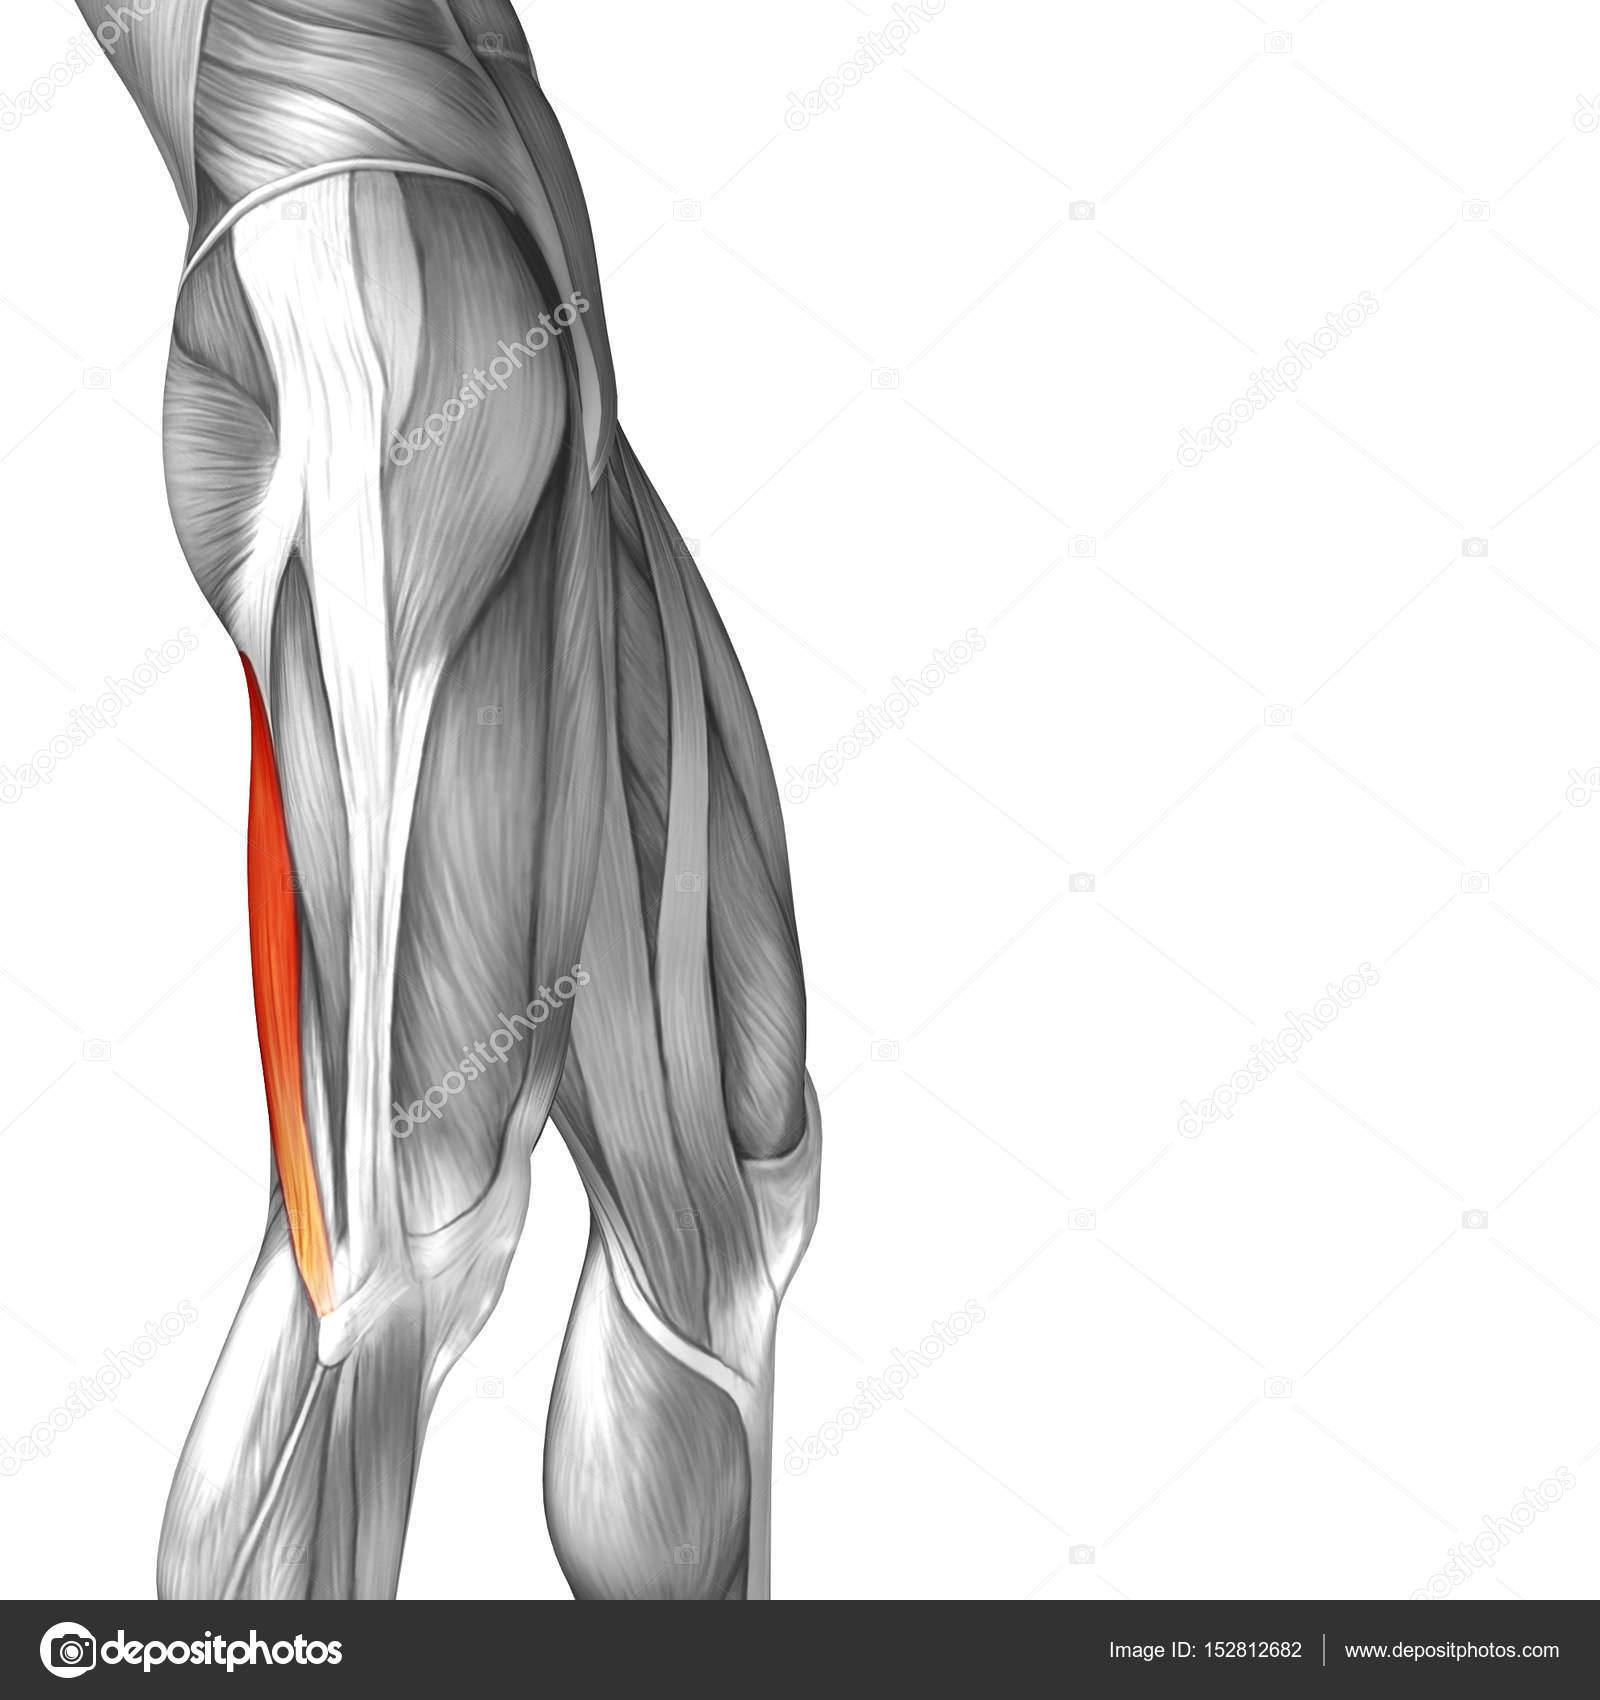 menschliche Oberschenkel-Anatomie — Stockfoto © design36 #152812682